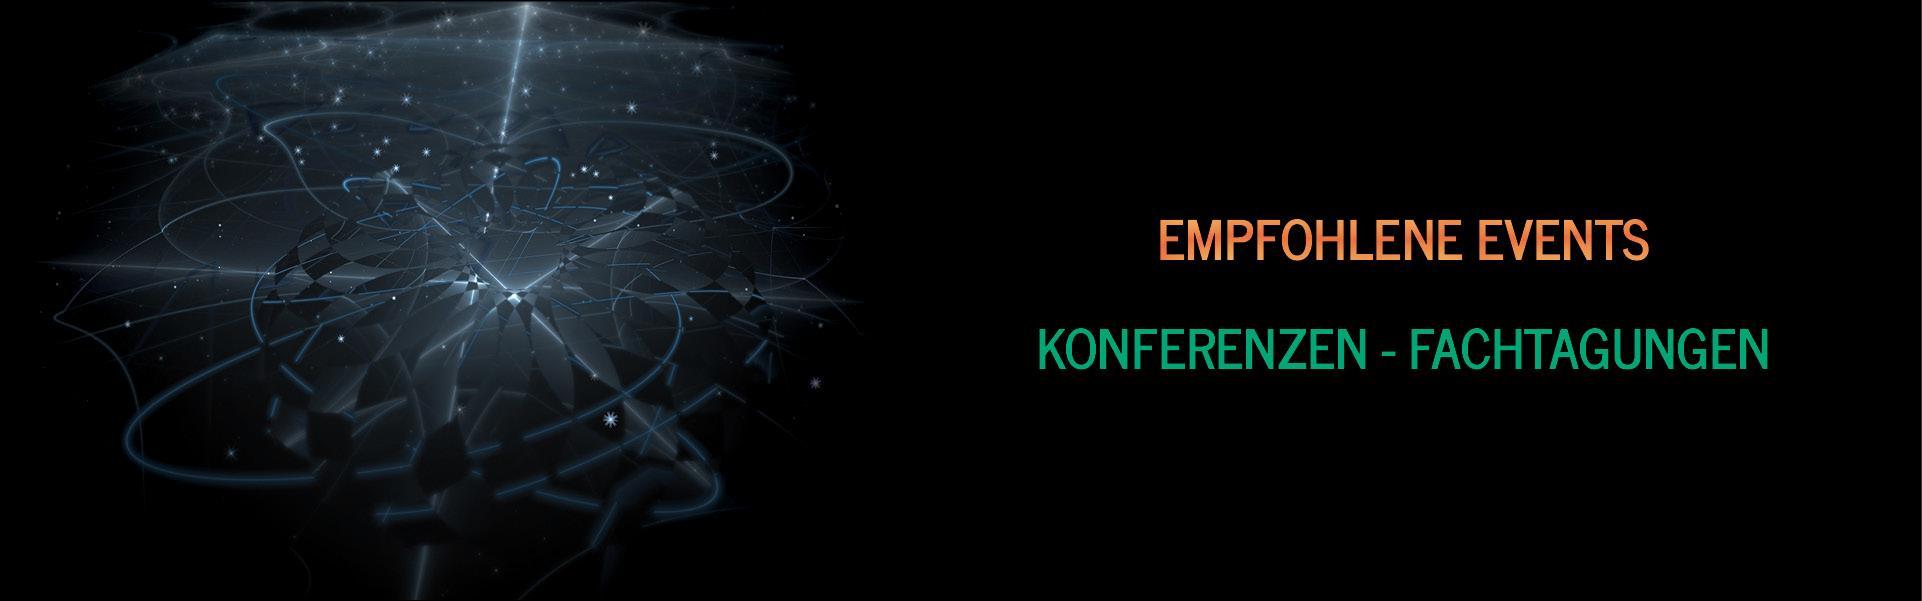 Empfohlene Events, Konferenzen und Veranstaltungen